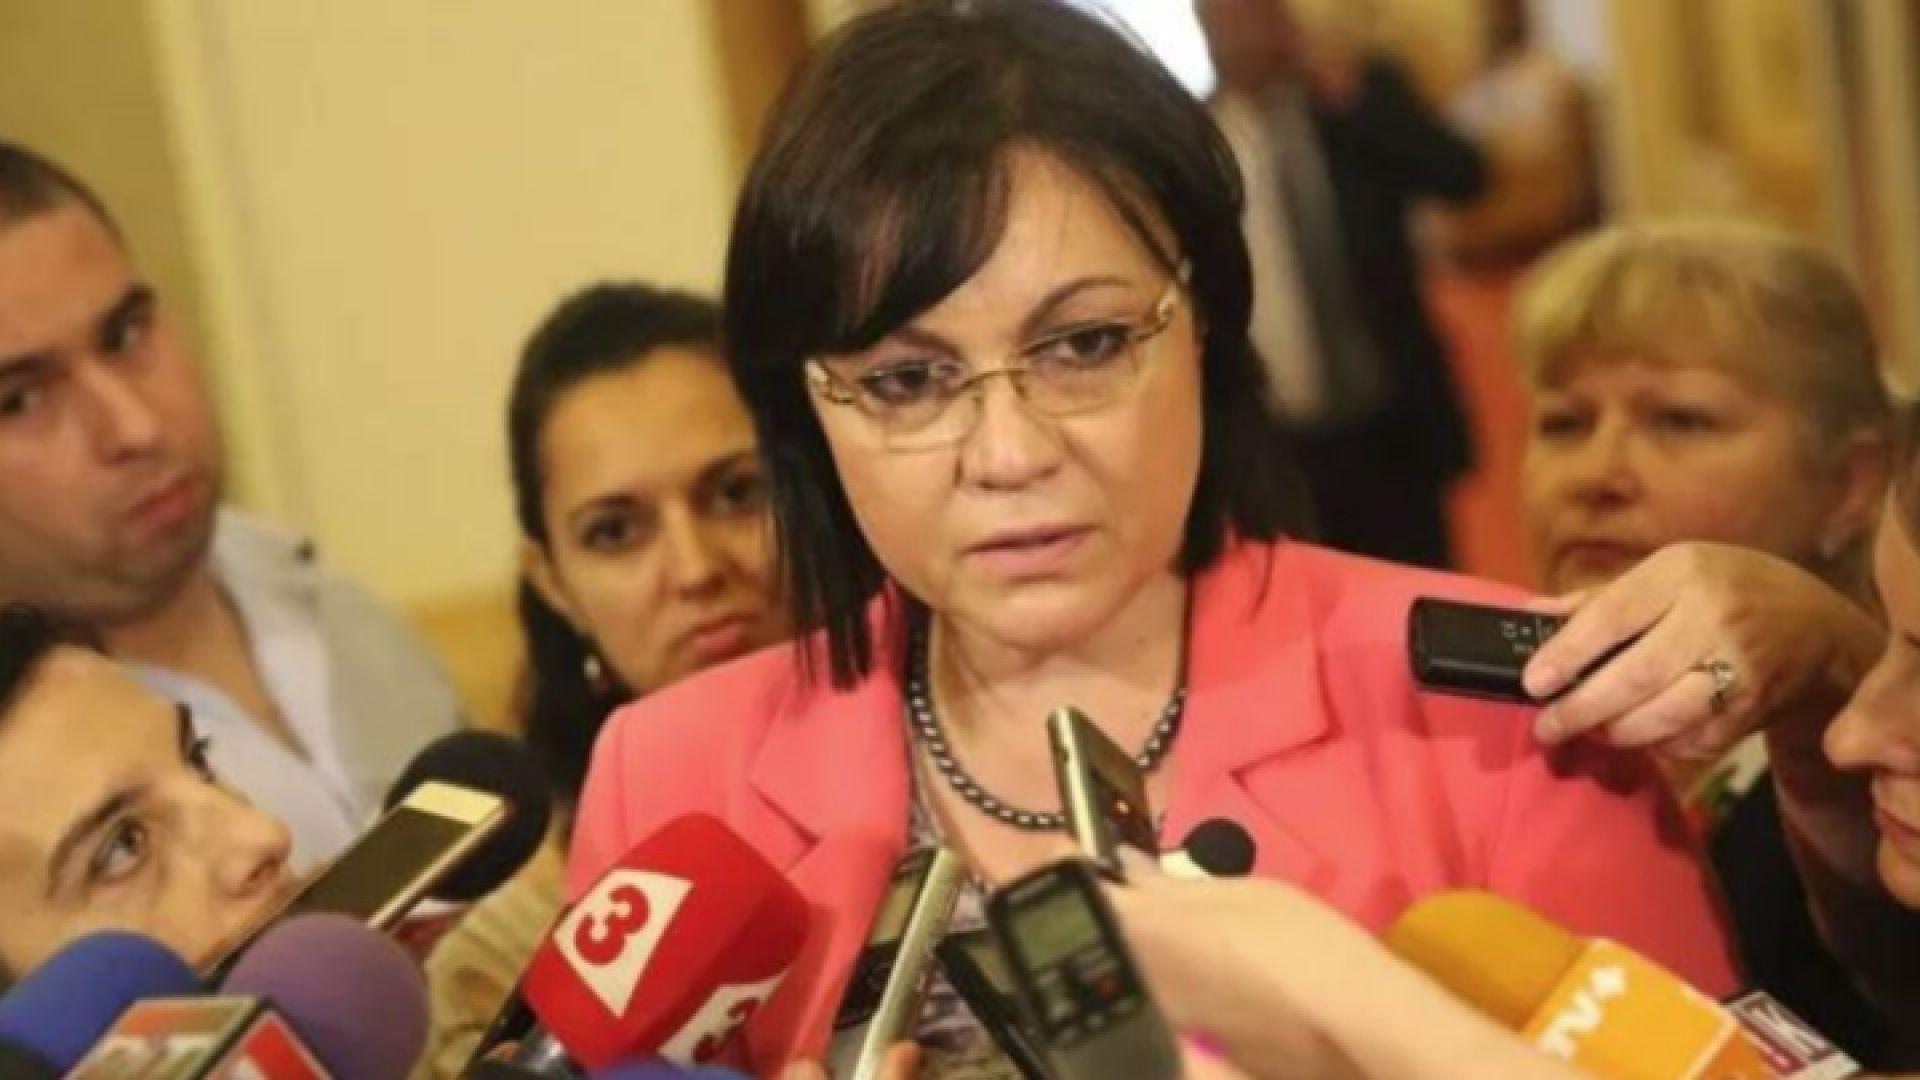 Корнелия Нинова: Борисов в Русия? Много условности, много неизвестни, никаква яснота